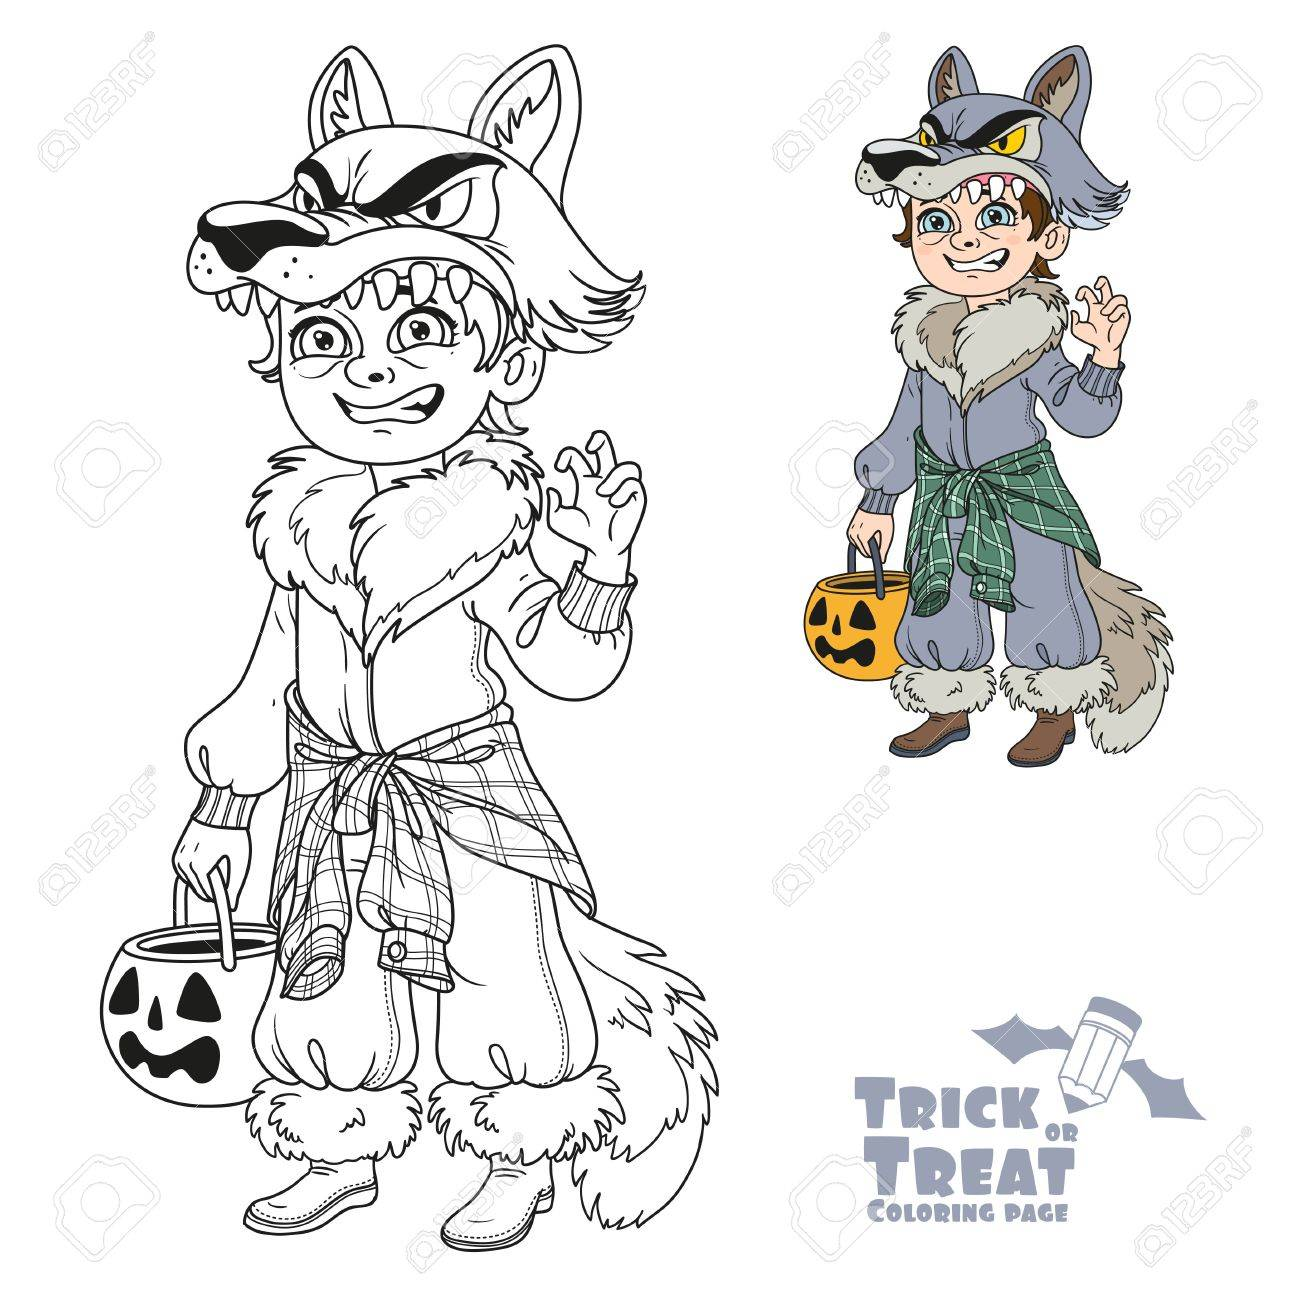 カボチャの狼の衣装でかわいい男の子トリックオアトリート色お菓子袋し